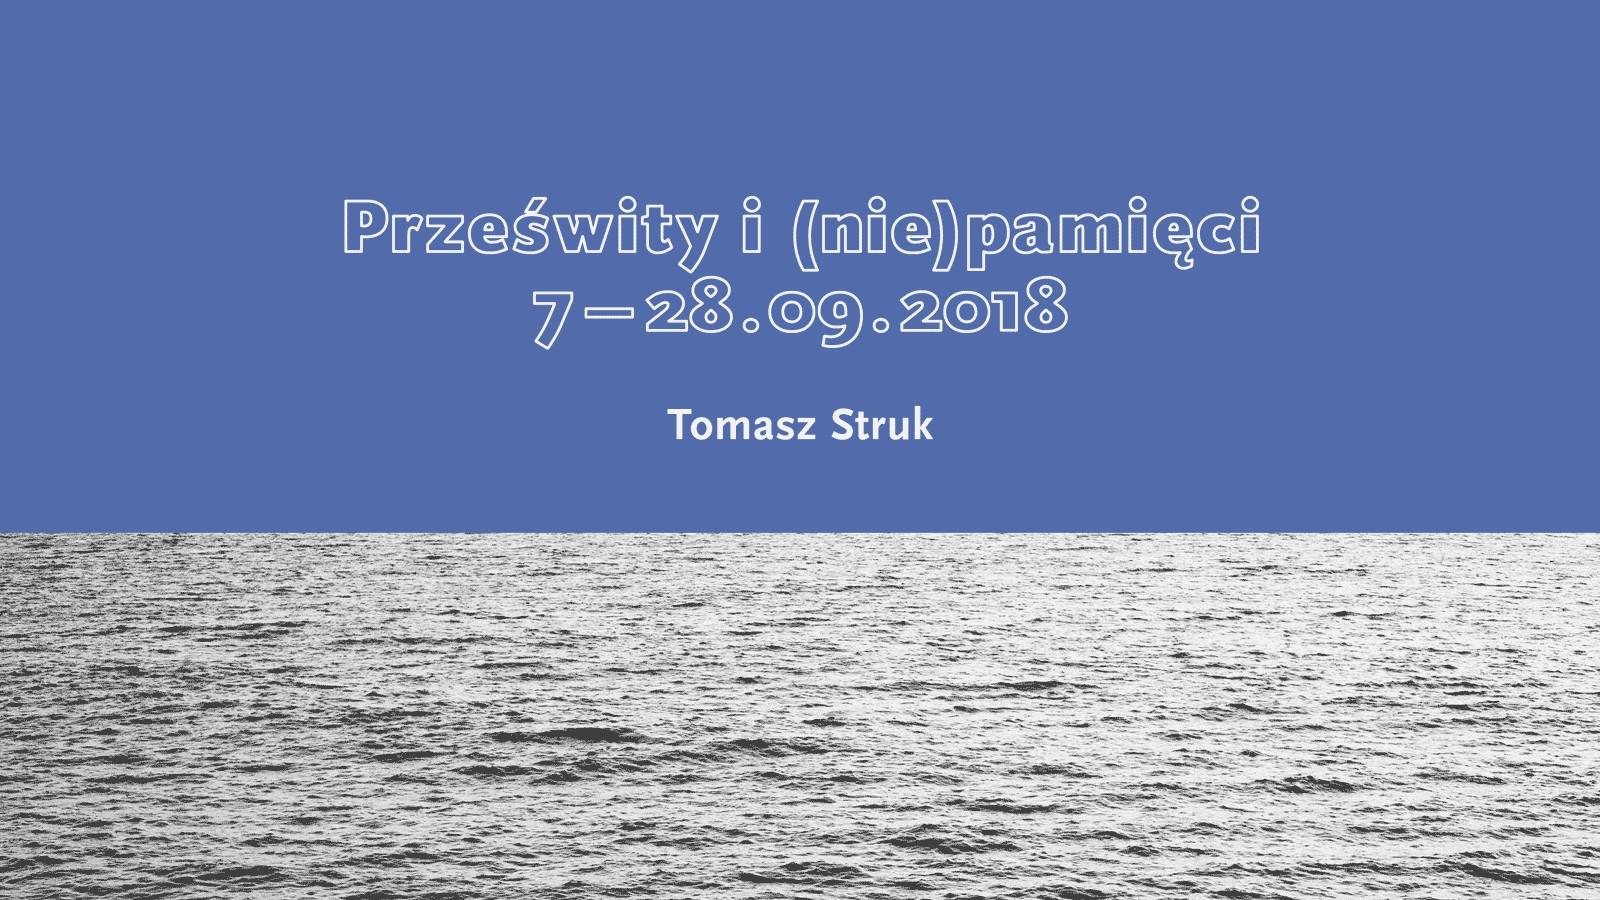 """Tomasz Struk, """"Prześwity i (nie)pamięci"""" (źródło: materiały prasowe organizatora)"""